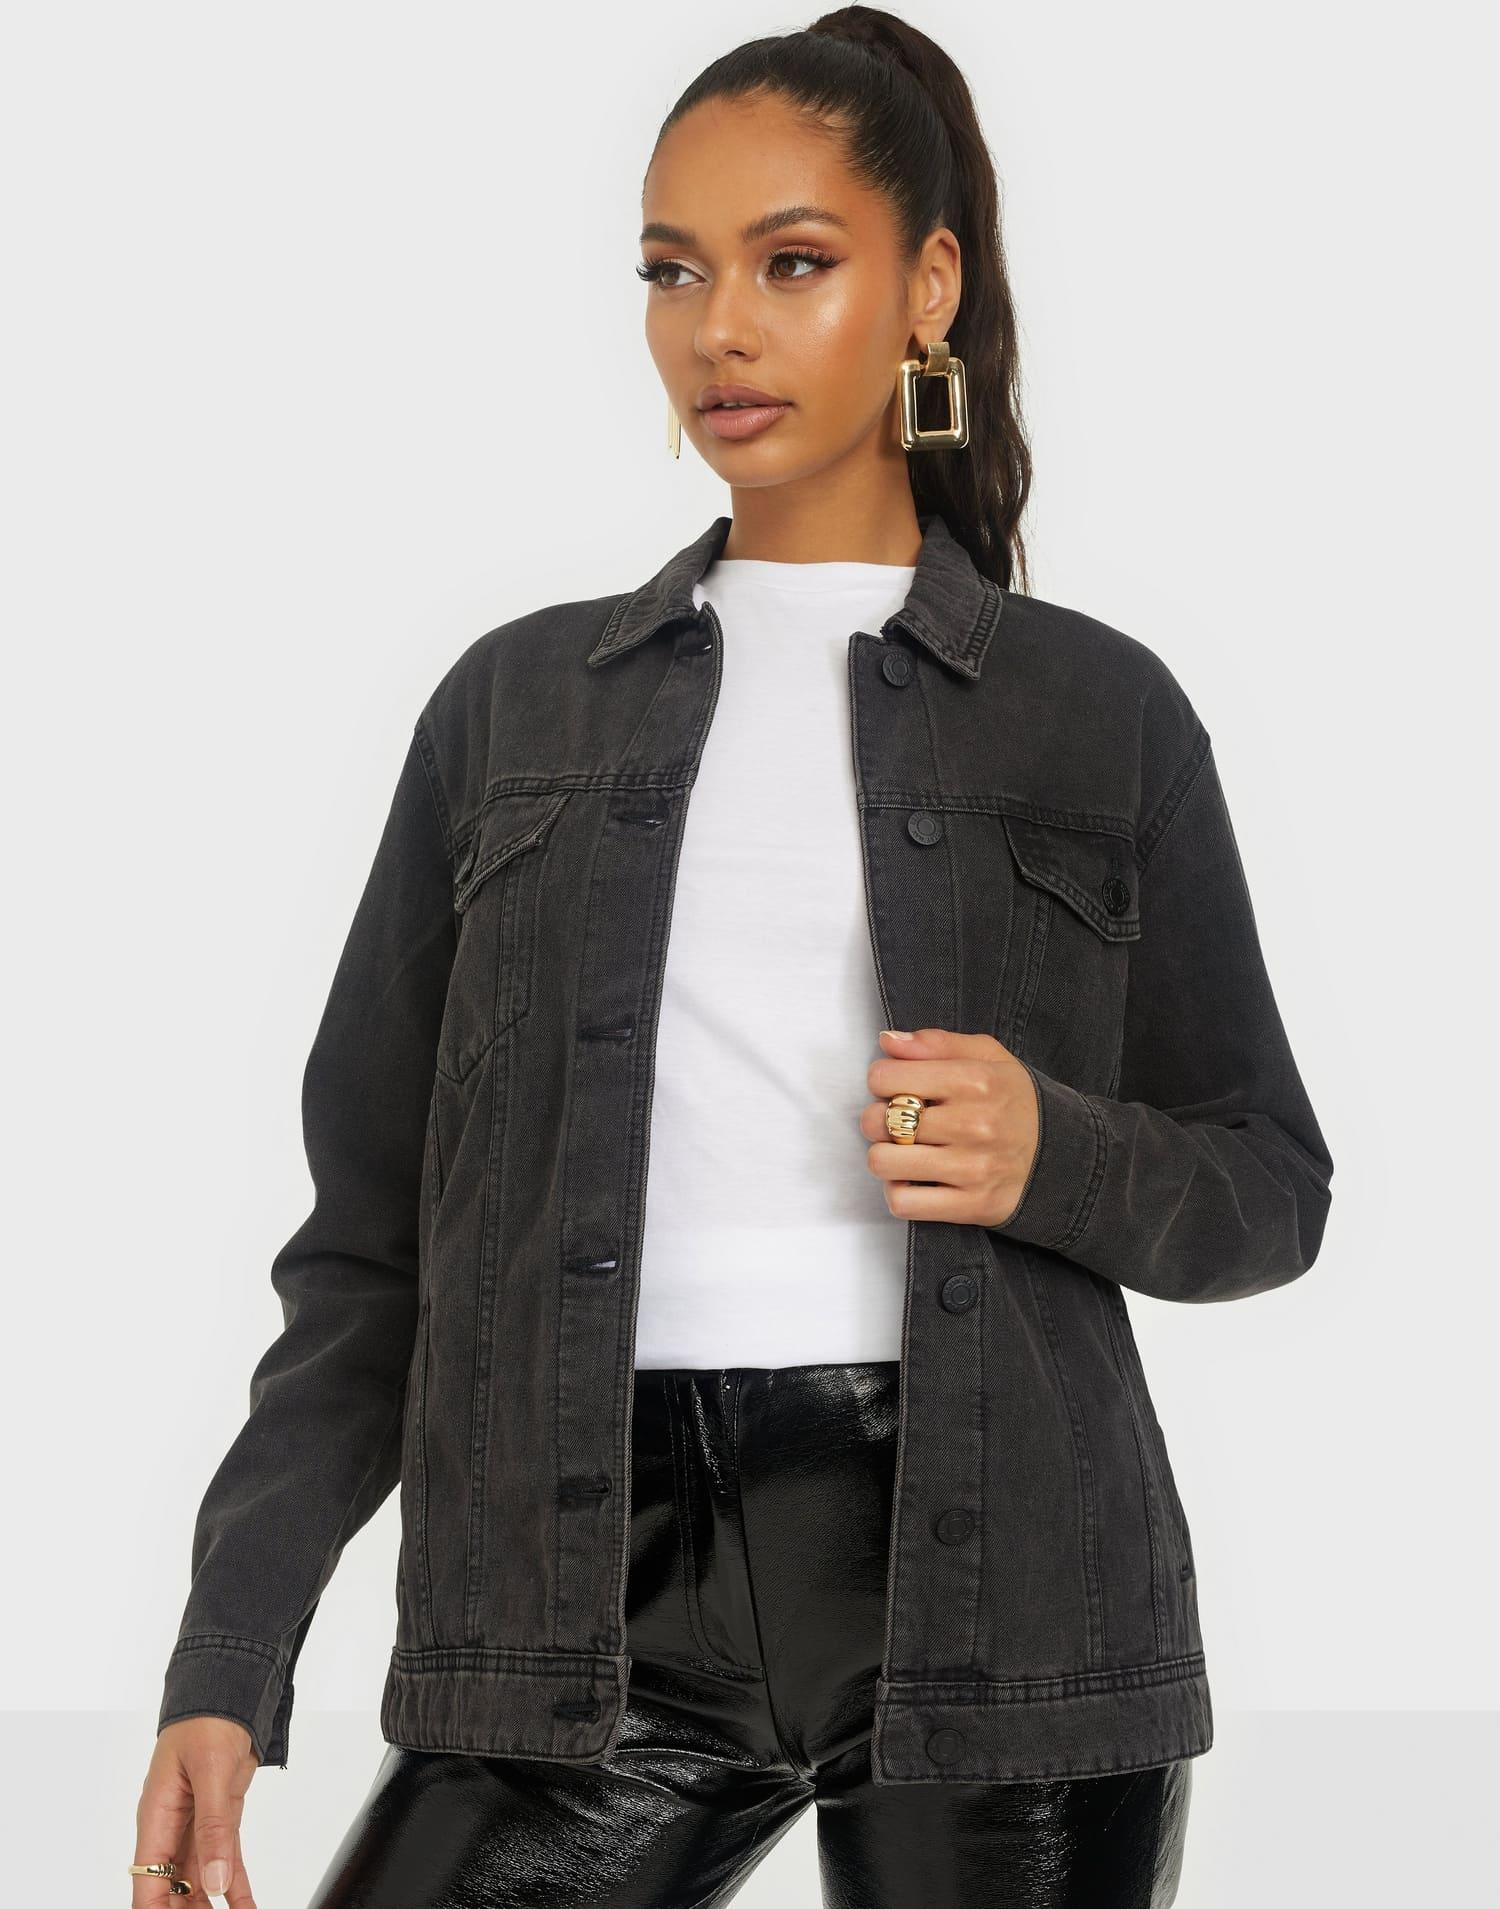 Gråsvart jeansjacka för dam 2021